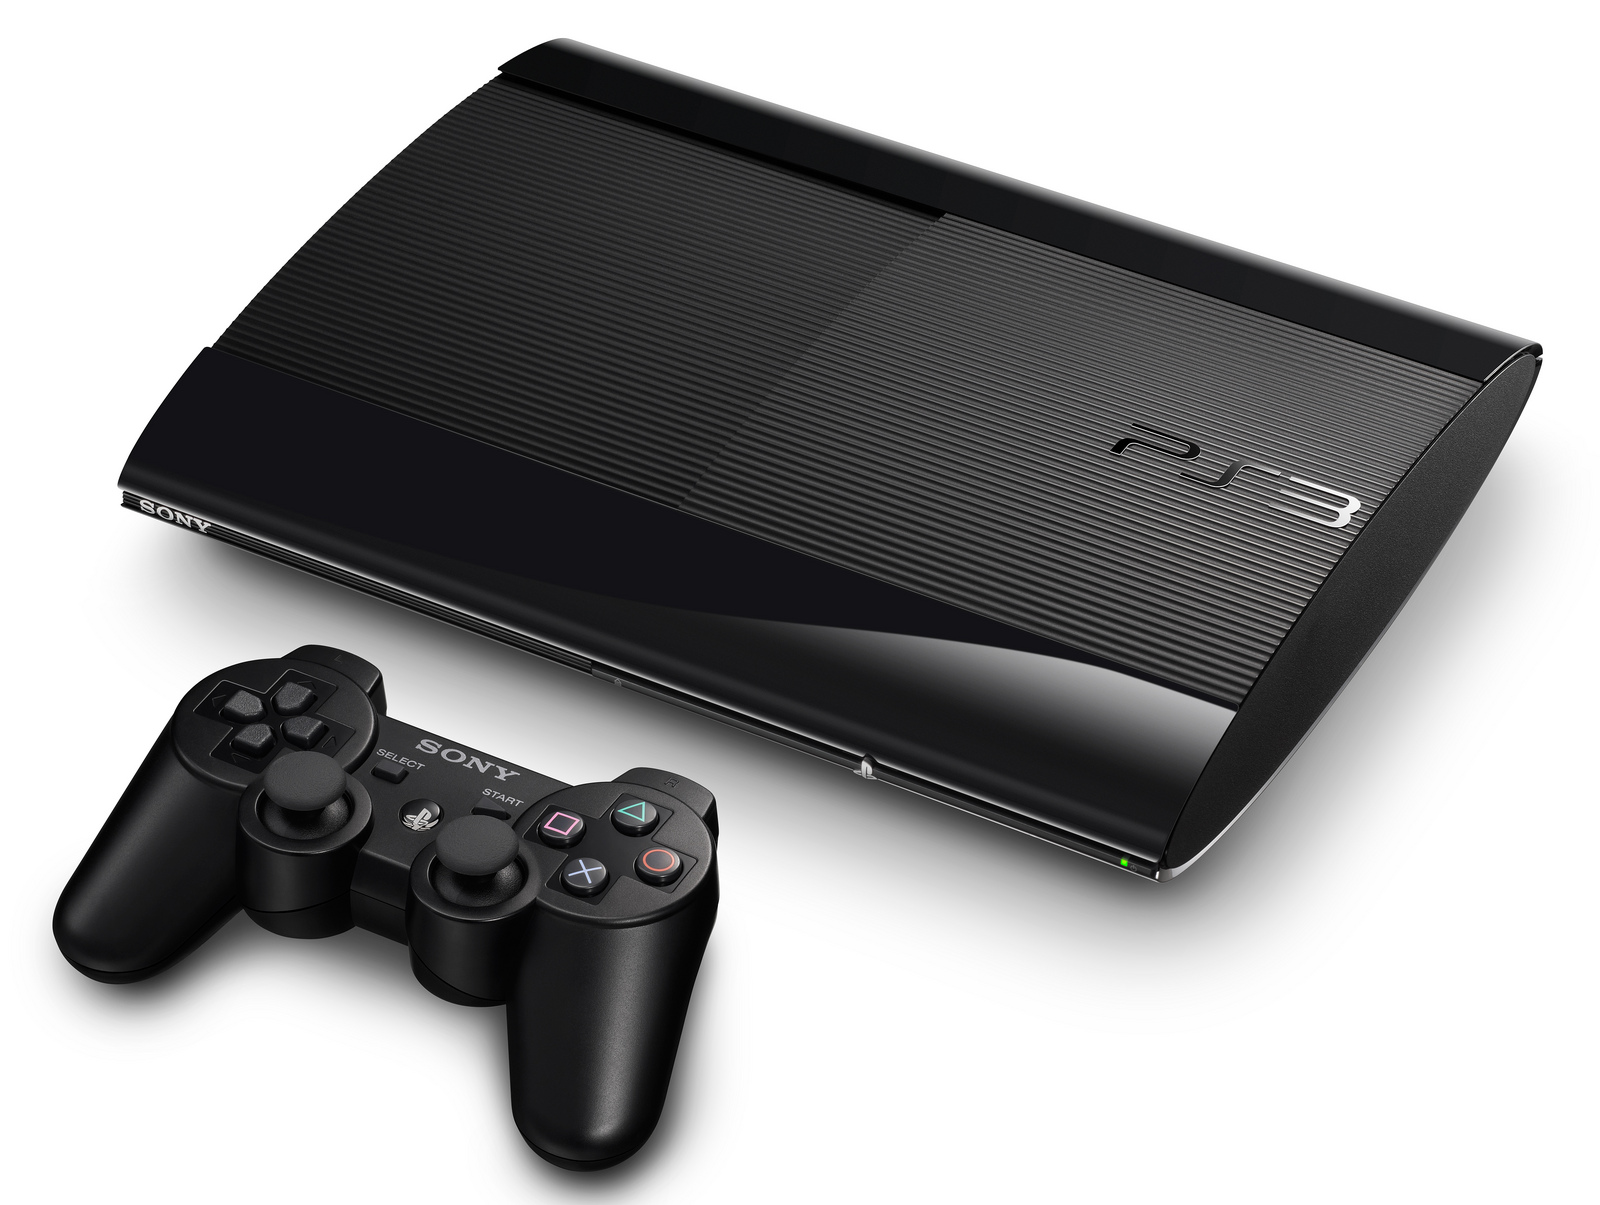 Ein exklusiver Blick in das Innenleben der neuen PS3 Super Slim